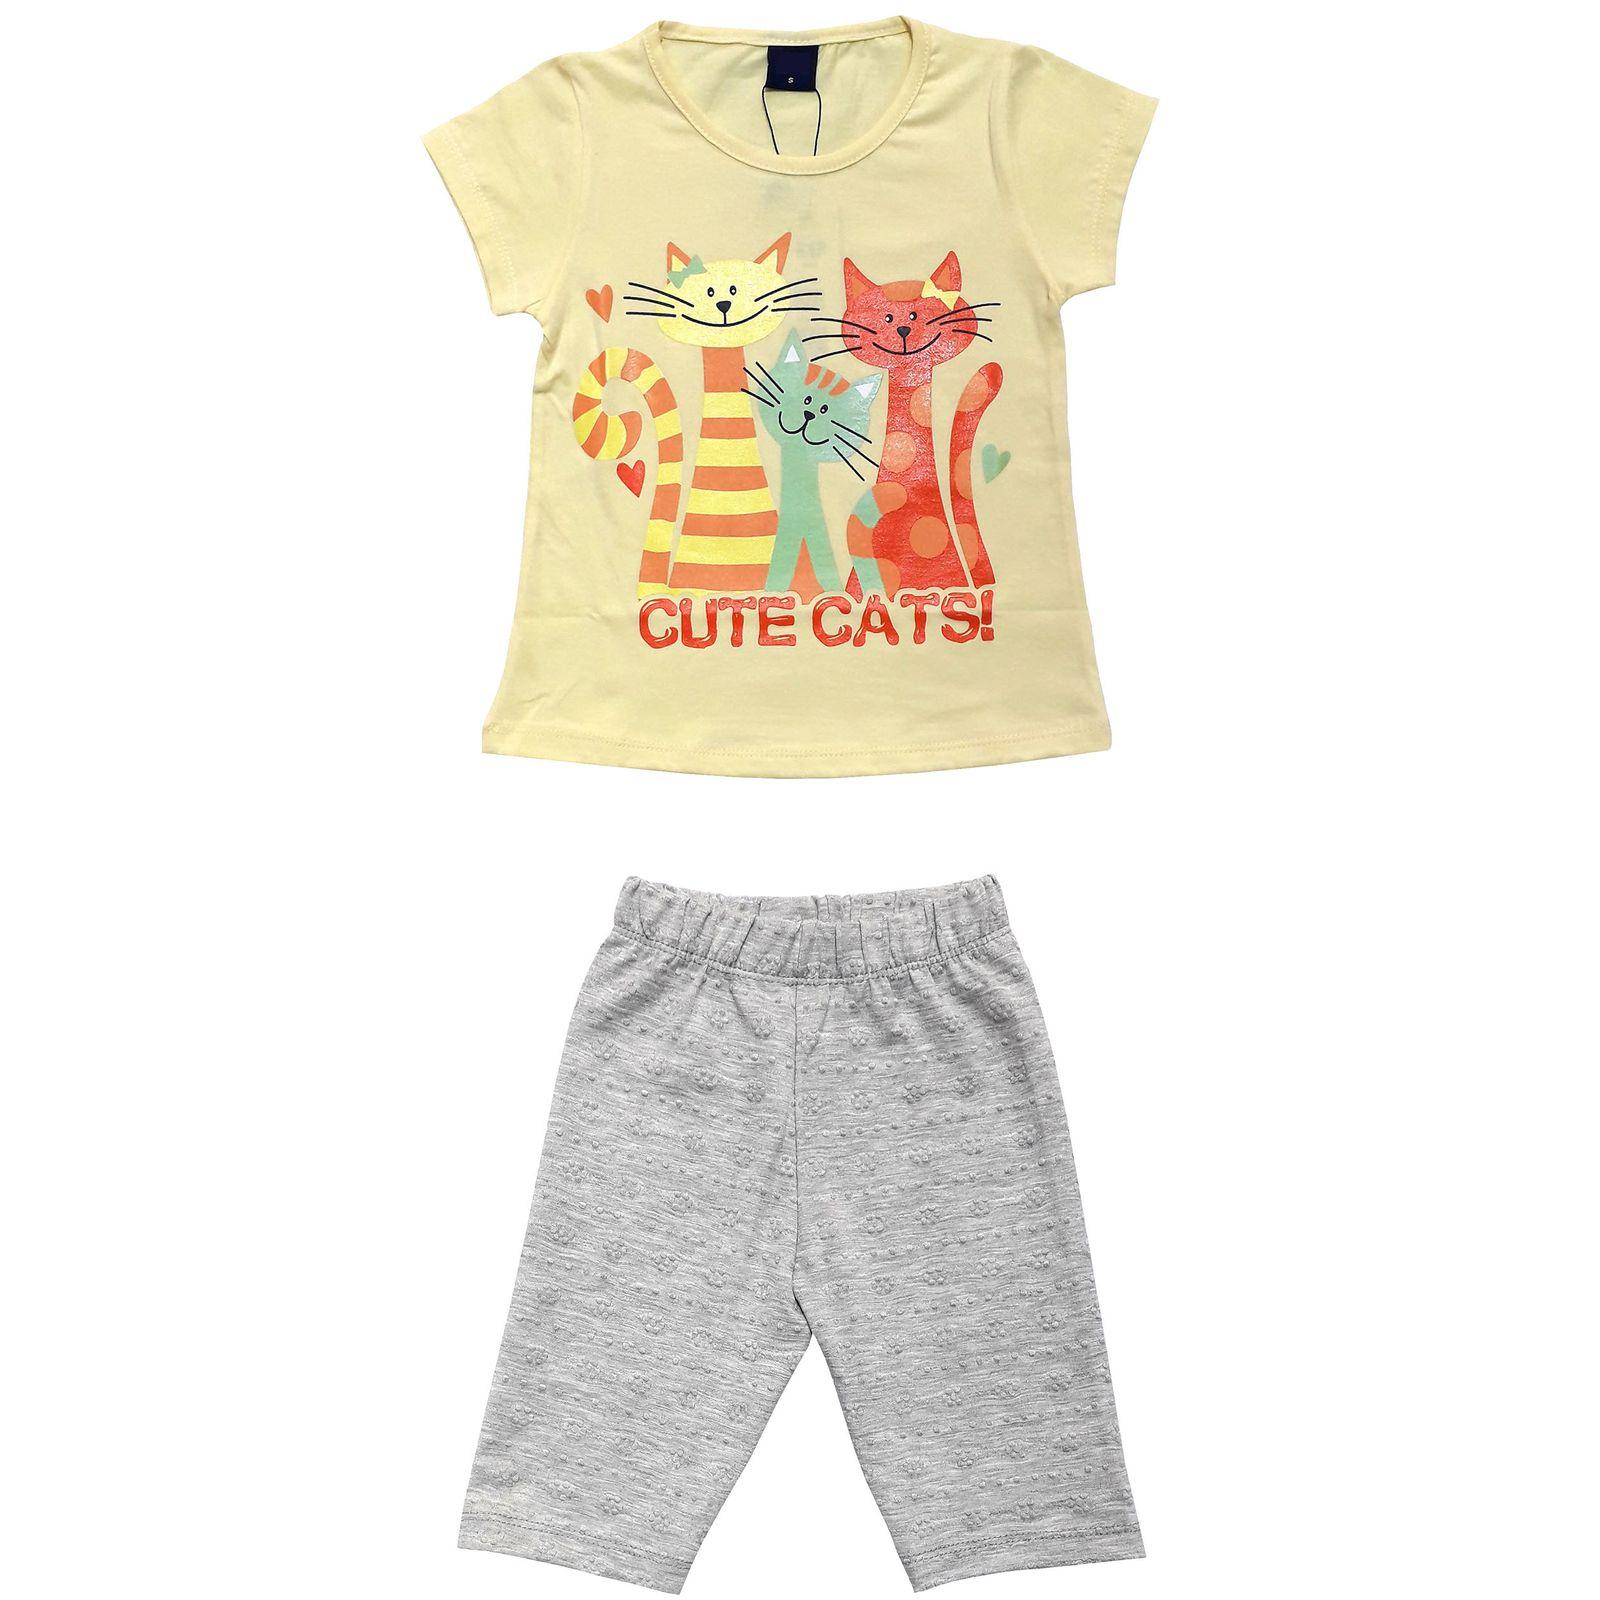 ست تی شرت و شلوارک دخترانه کد 7787921 -  - 2